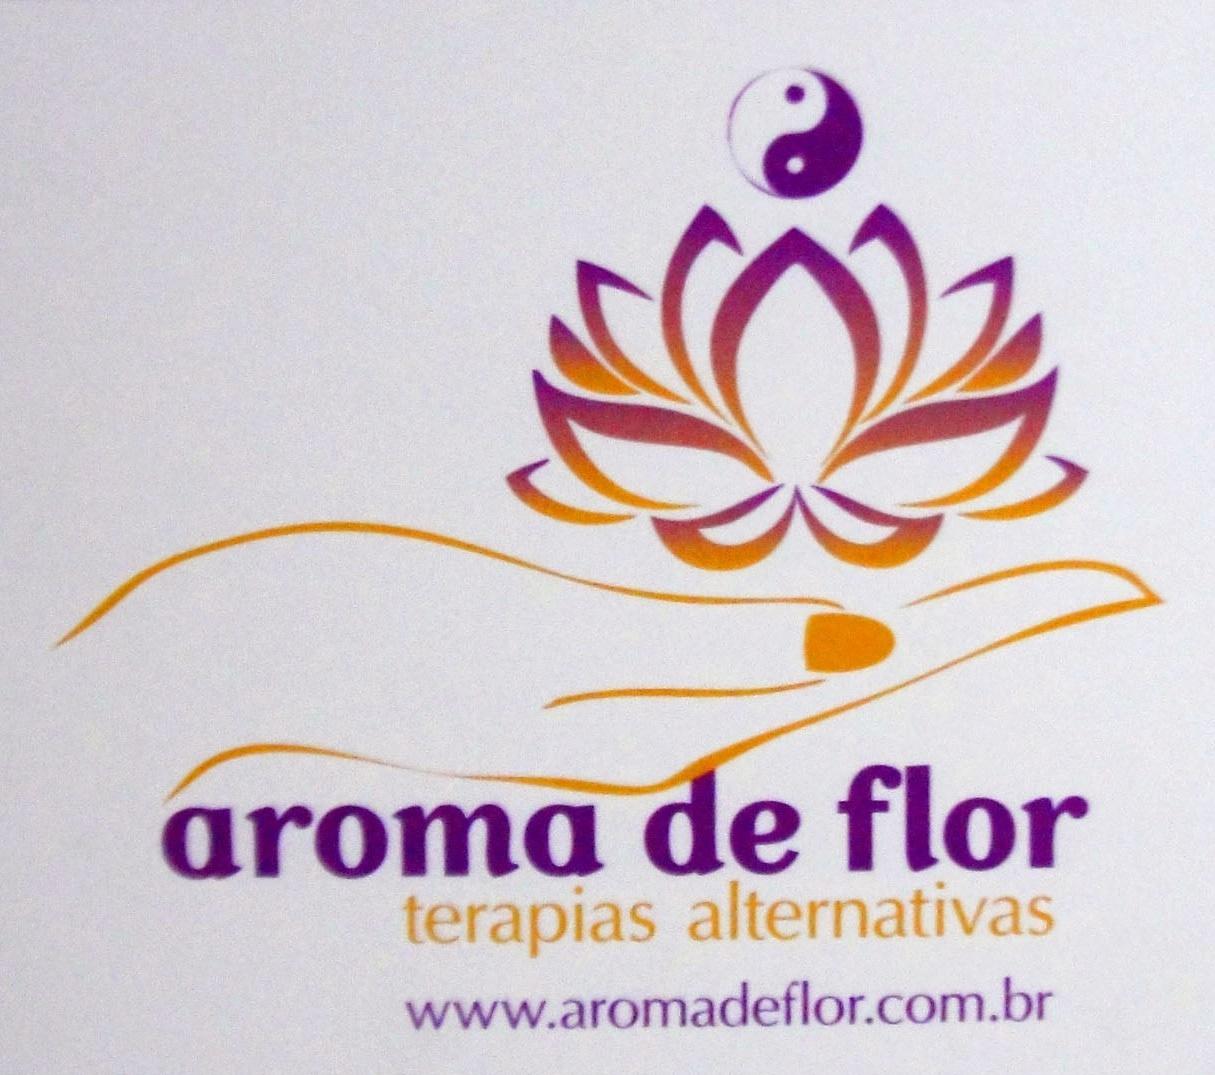 aroma-de-flor